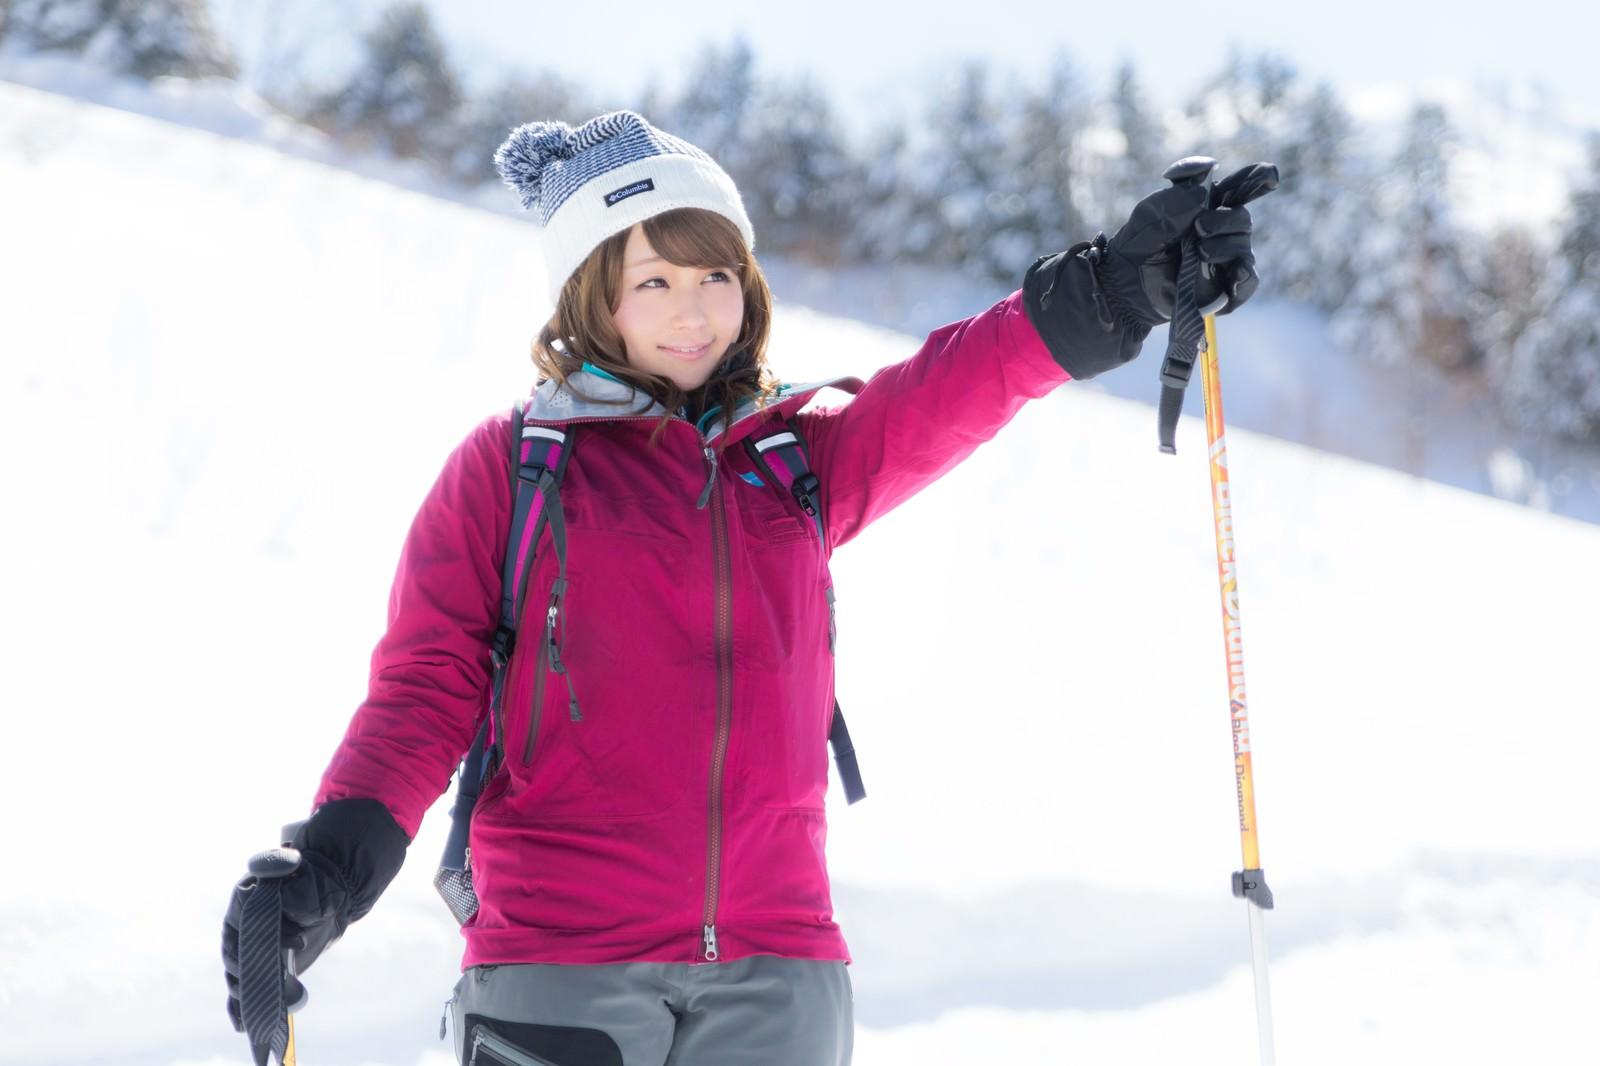 「これから進む雪道を案内する美人ガイドこれから進む雪道を案内する美人ガイド」[モデル:茜さや]のフリー写真素材を拡大